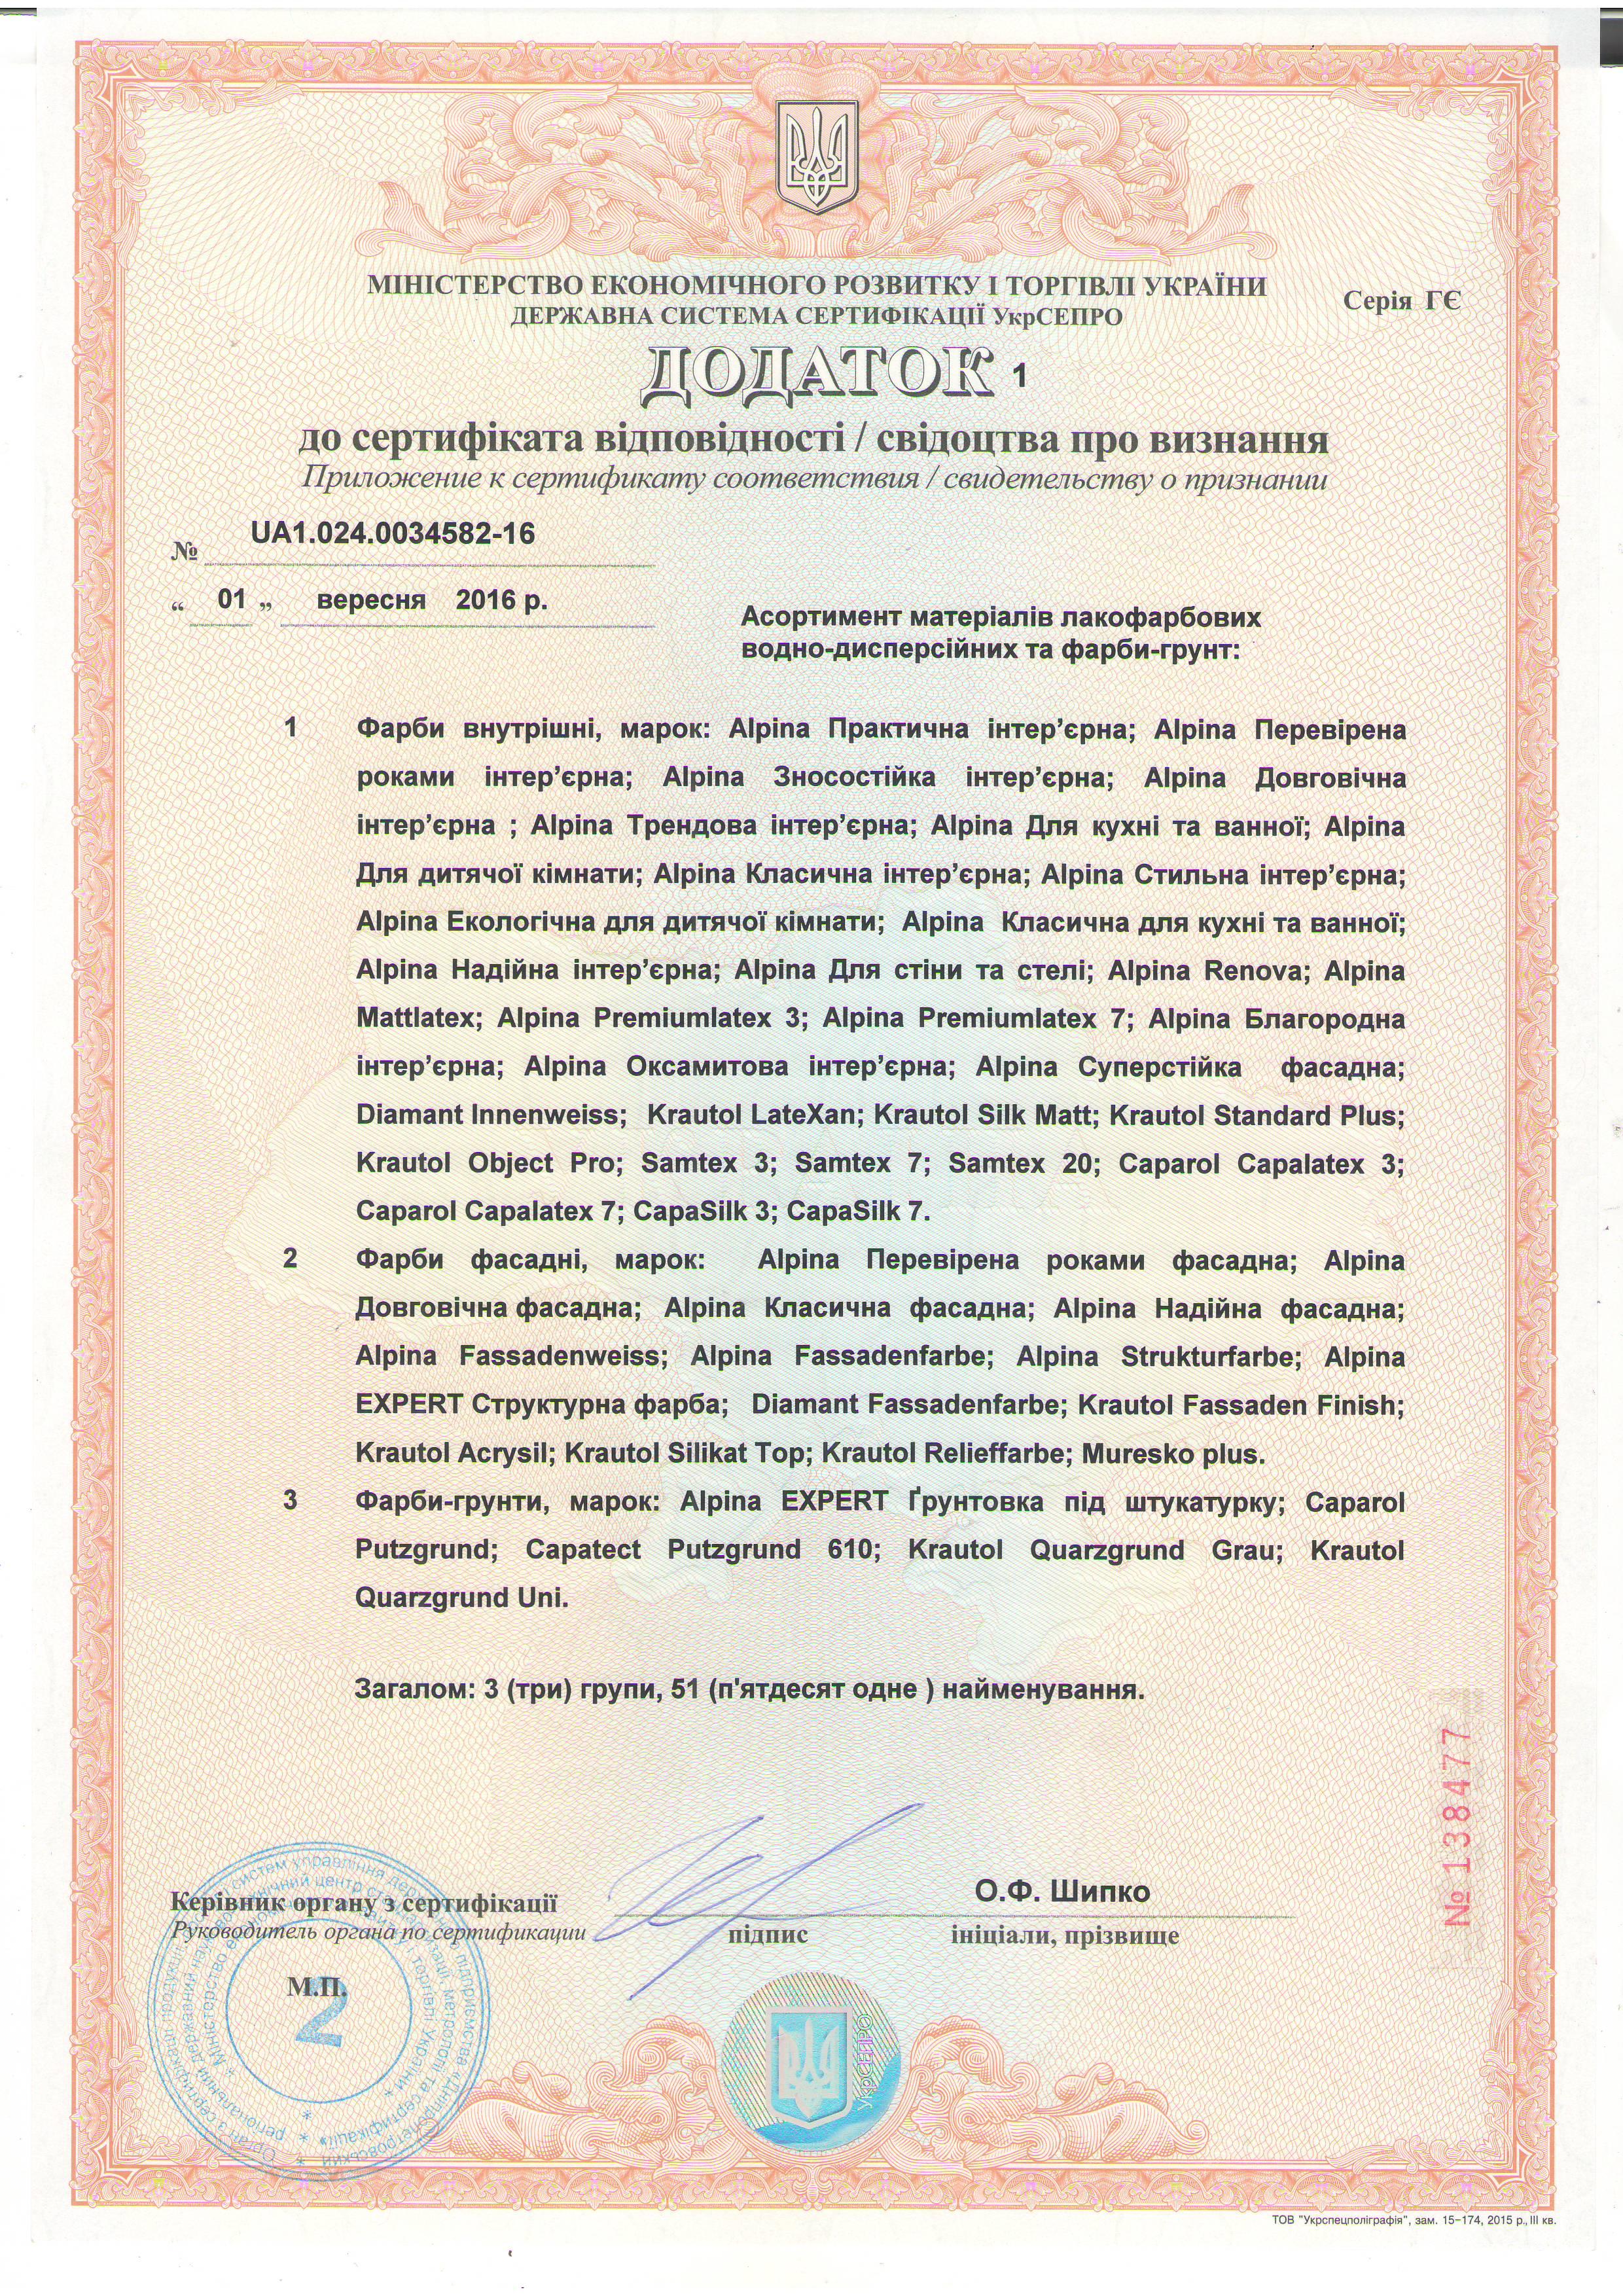 Подлежит пожарная сертификация акриловых эмалей экологическая сертификация может быть только обязательной